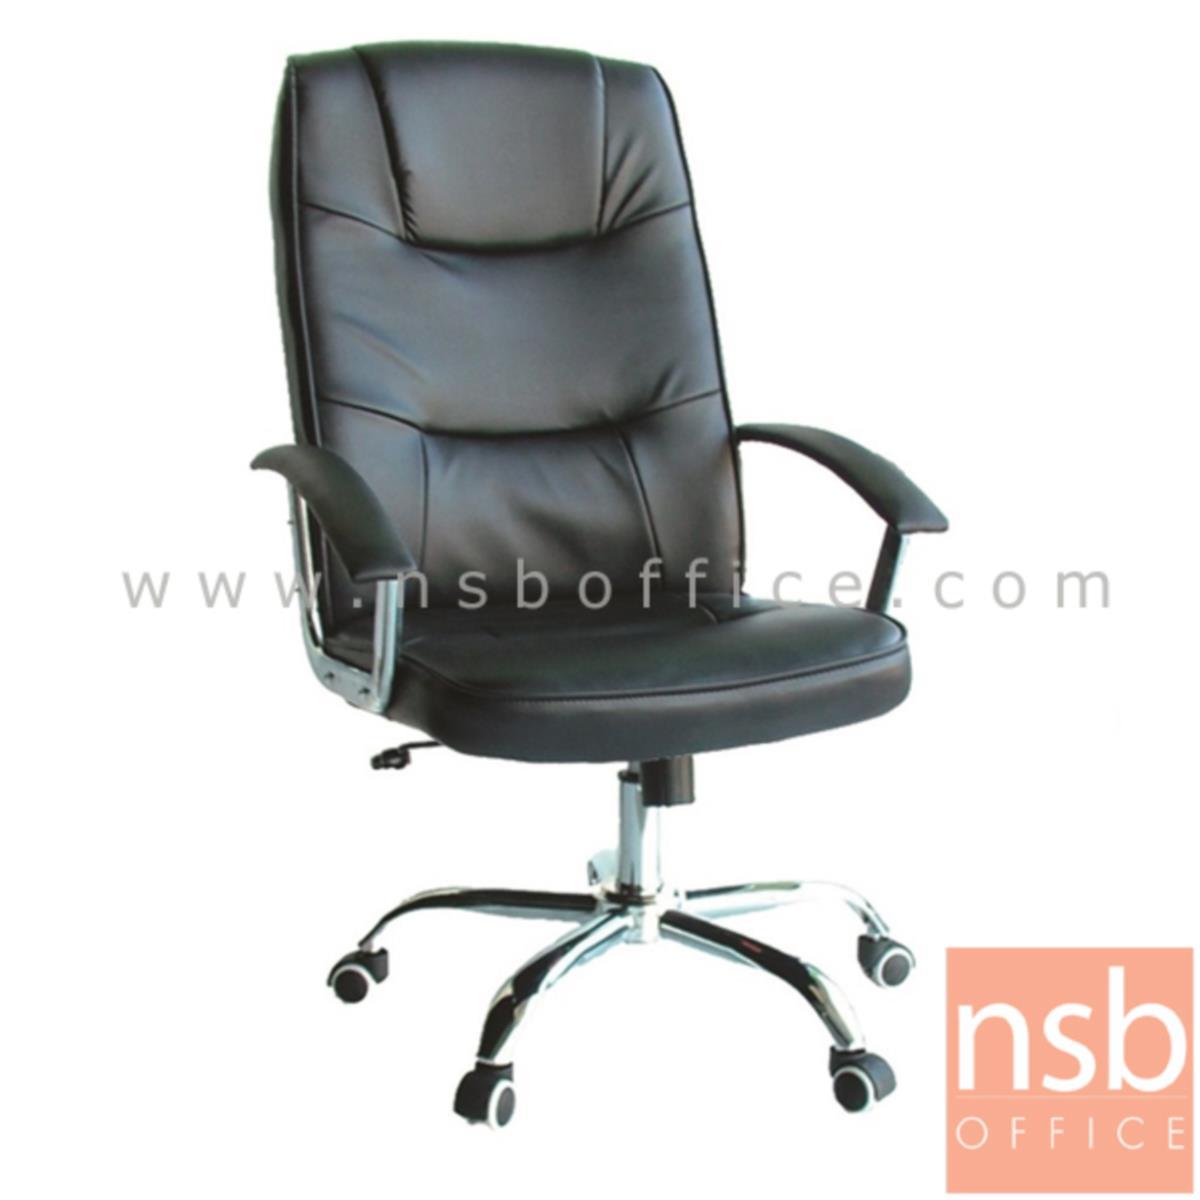 B01A449:เก้าอี้ผู้บริหาร รุ่น Florence (ฟลอเรนซ์)  โช๊คแก๊ส มีก้อนโยก ขาเหล็กชุบโครเมี่ยม